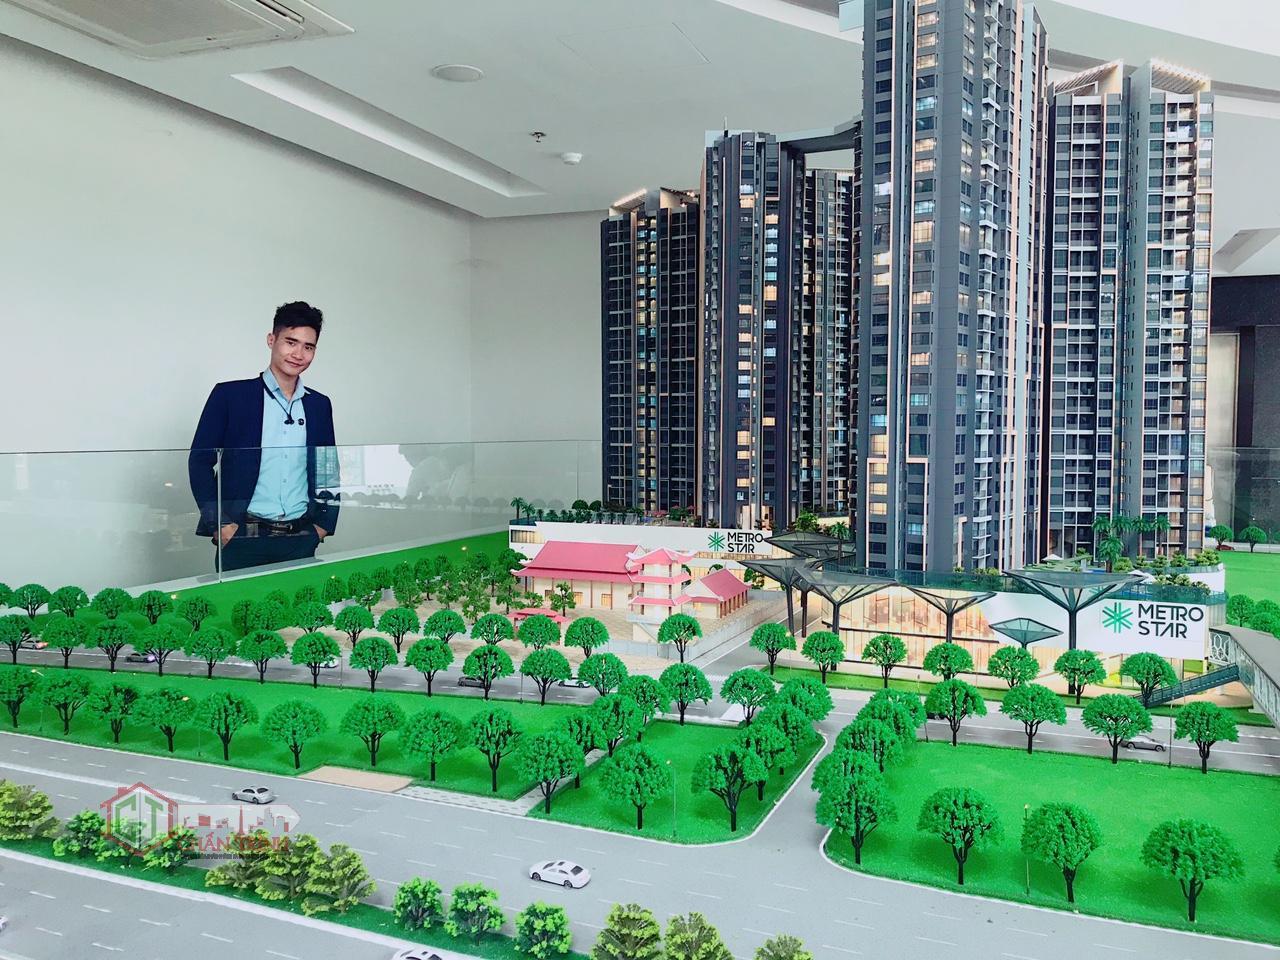 Sa Bàn dự án Metro Star Quận 9